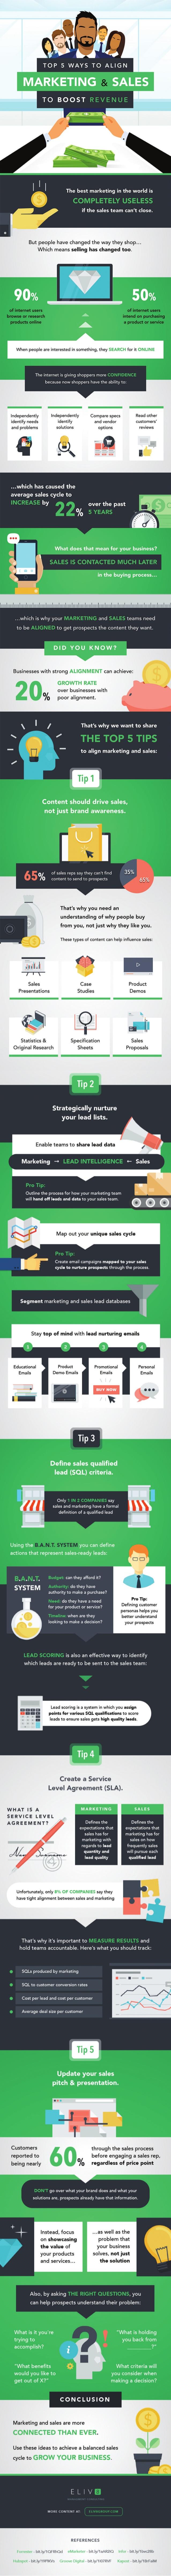 5 formas de alinear marketing y ventas